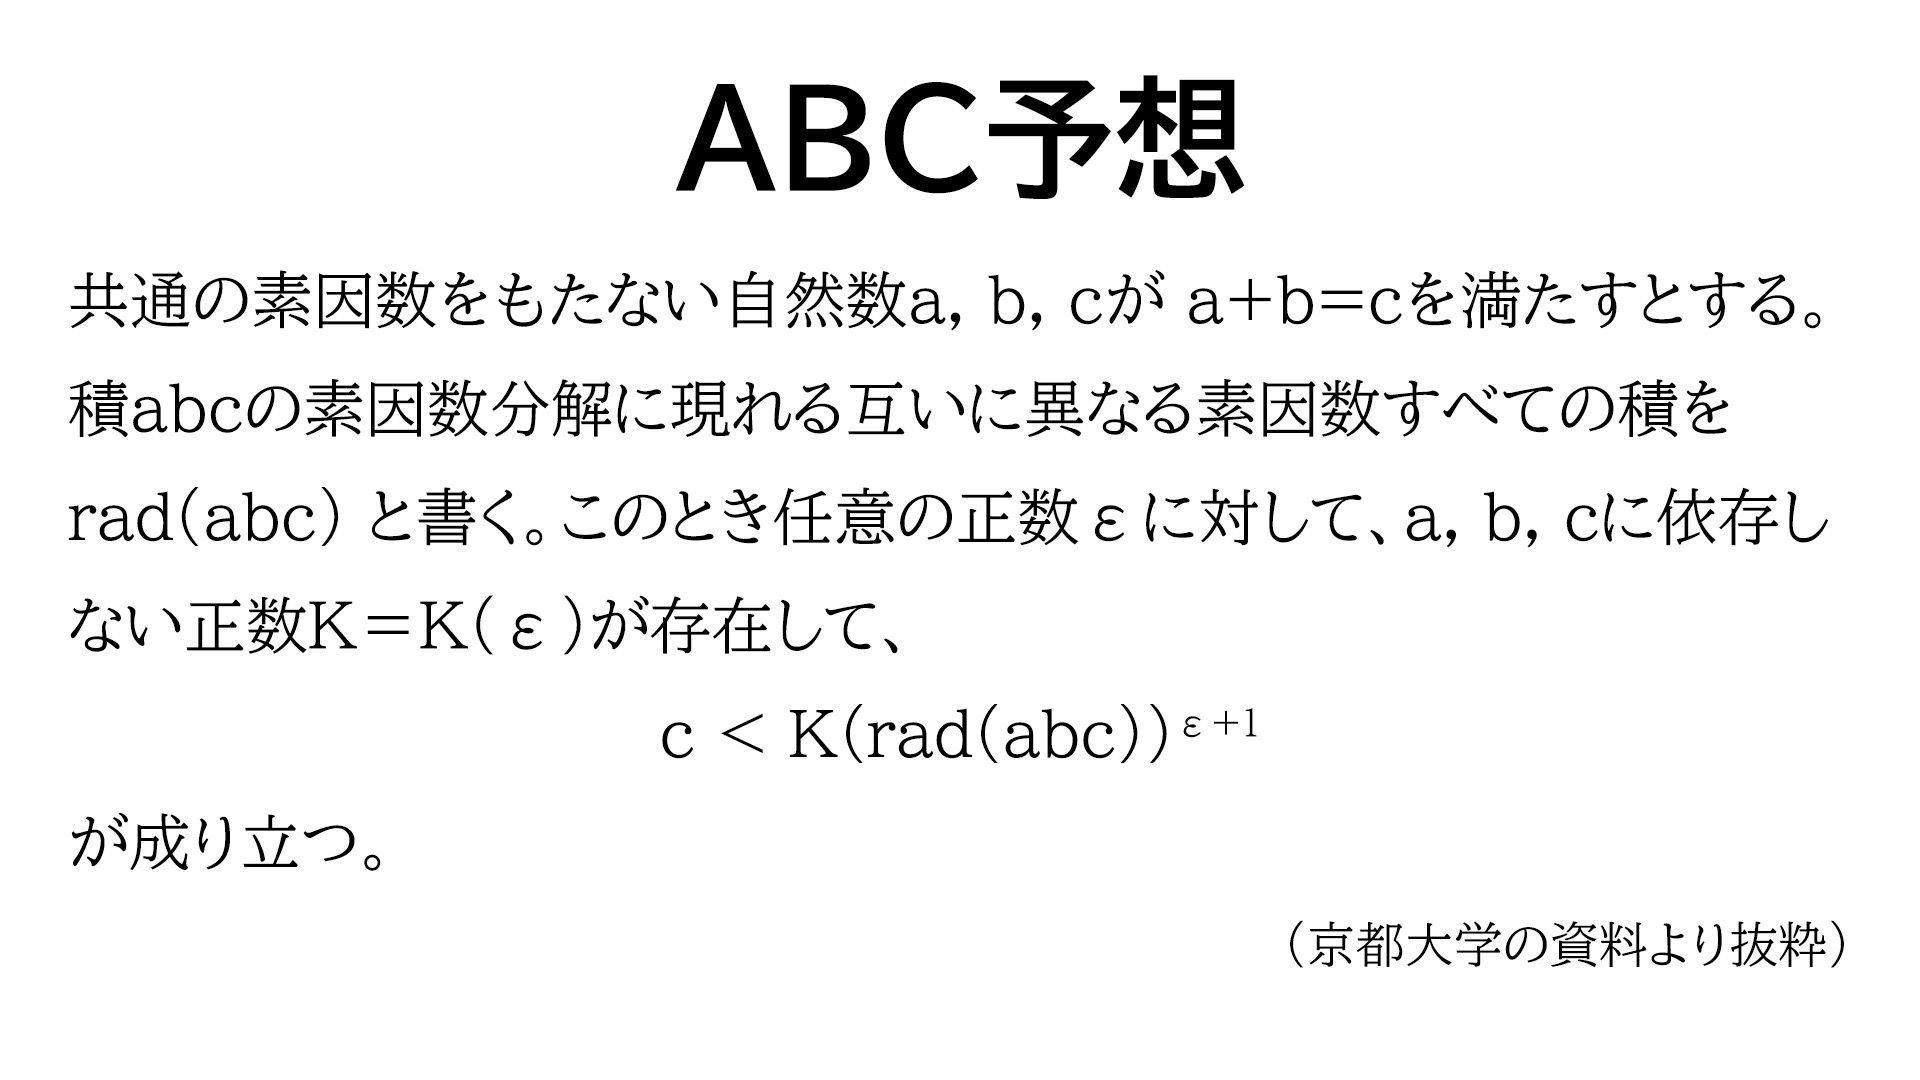 査読8年、京大教授の「ABC予想」証明理論 ついに論文誌掲載へ ...